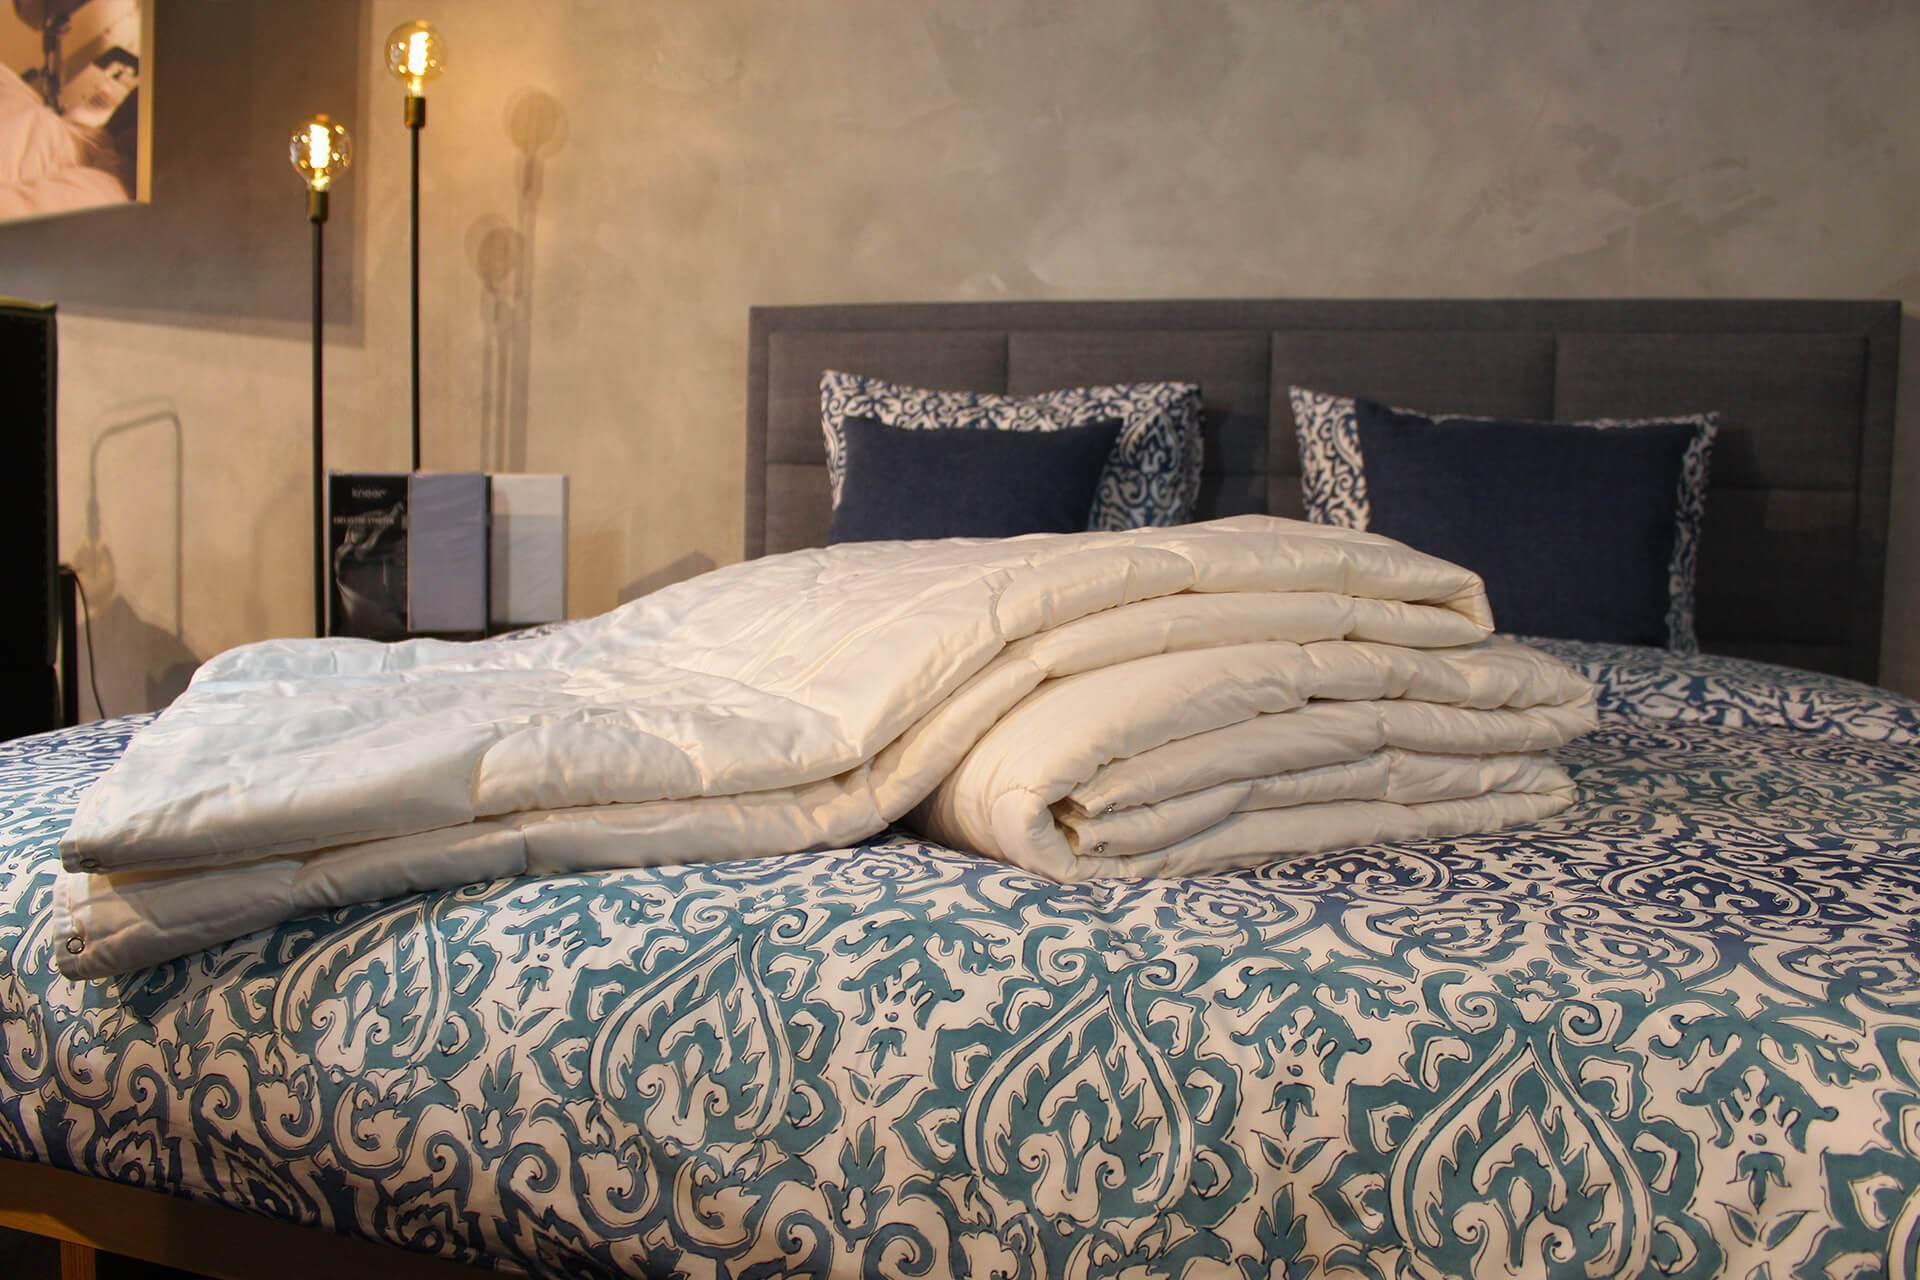 Luxe Wollen 4-Seizoenen Dekbed | Nuvaro 140 x 200 cm - Eenpersoons